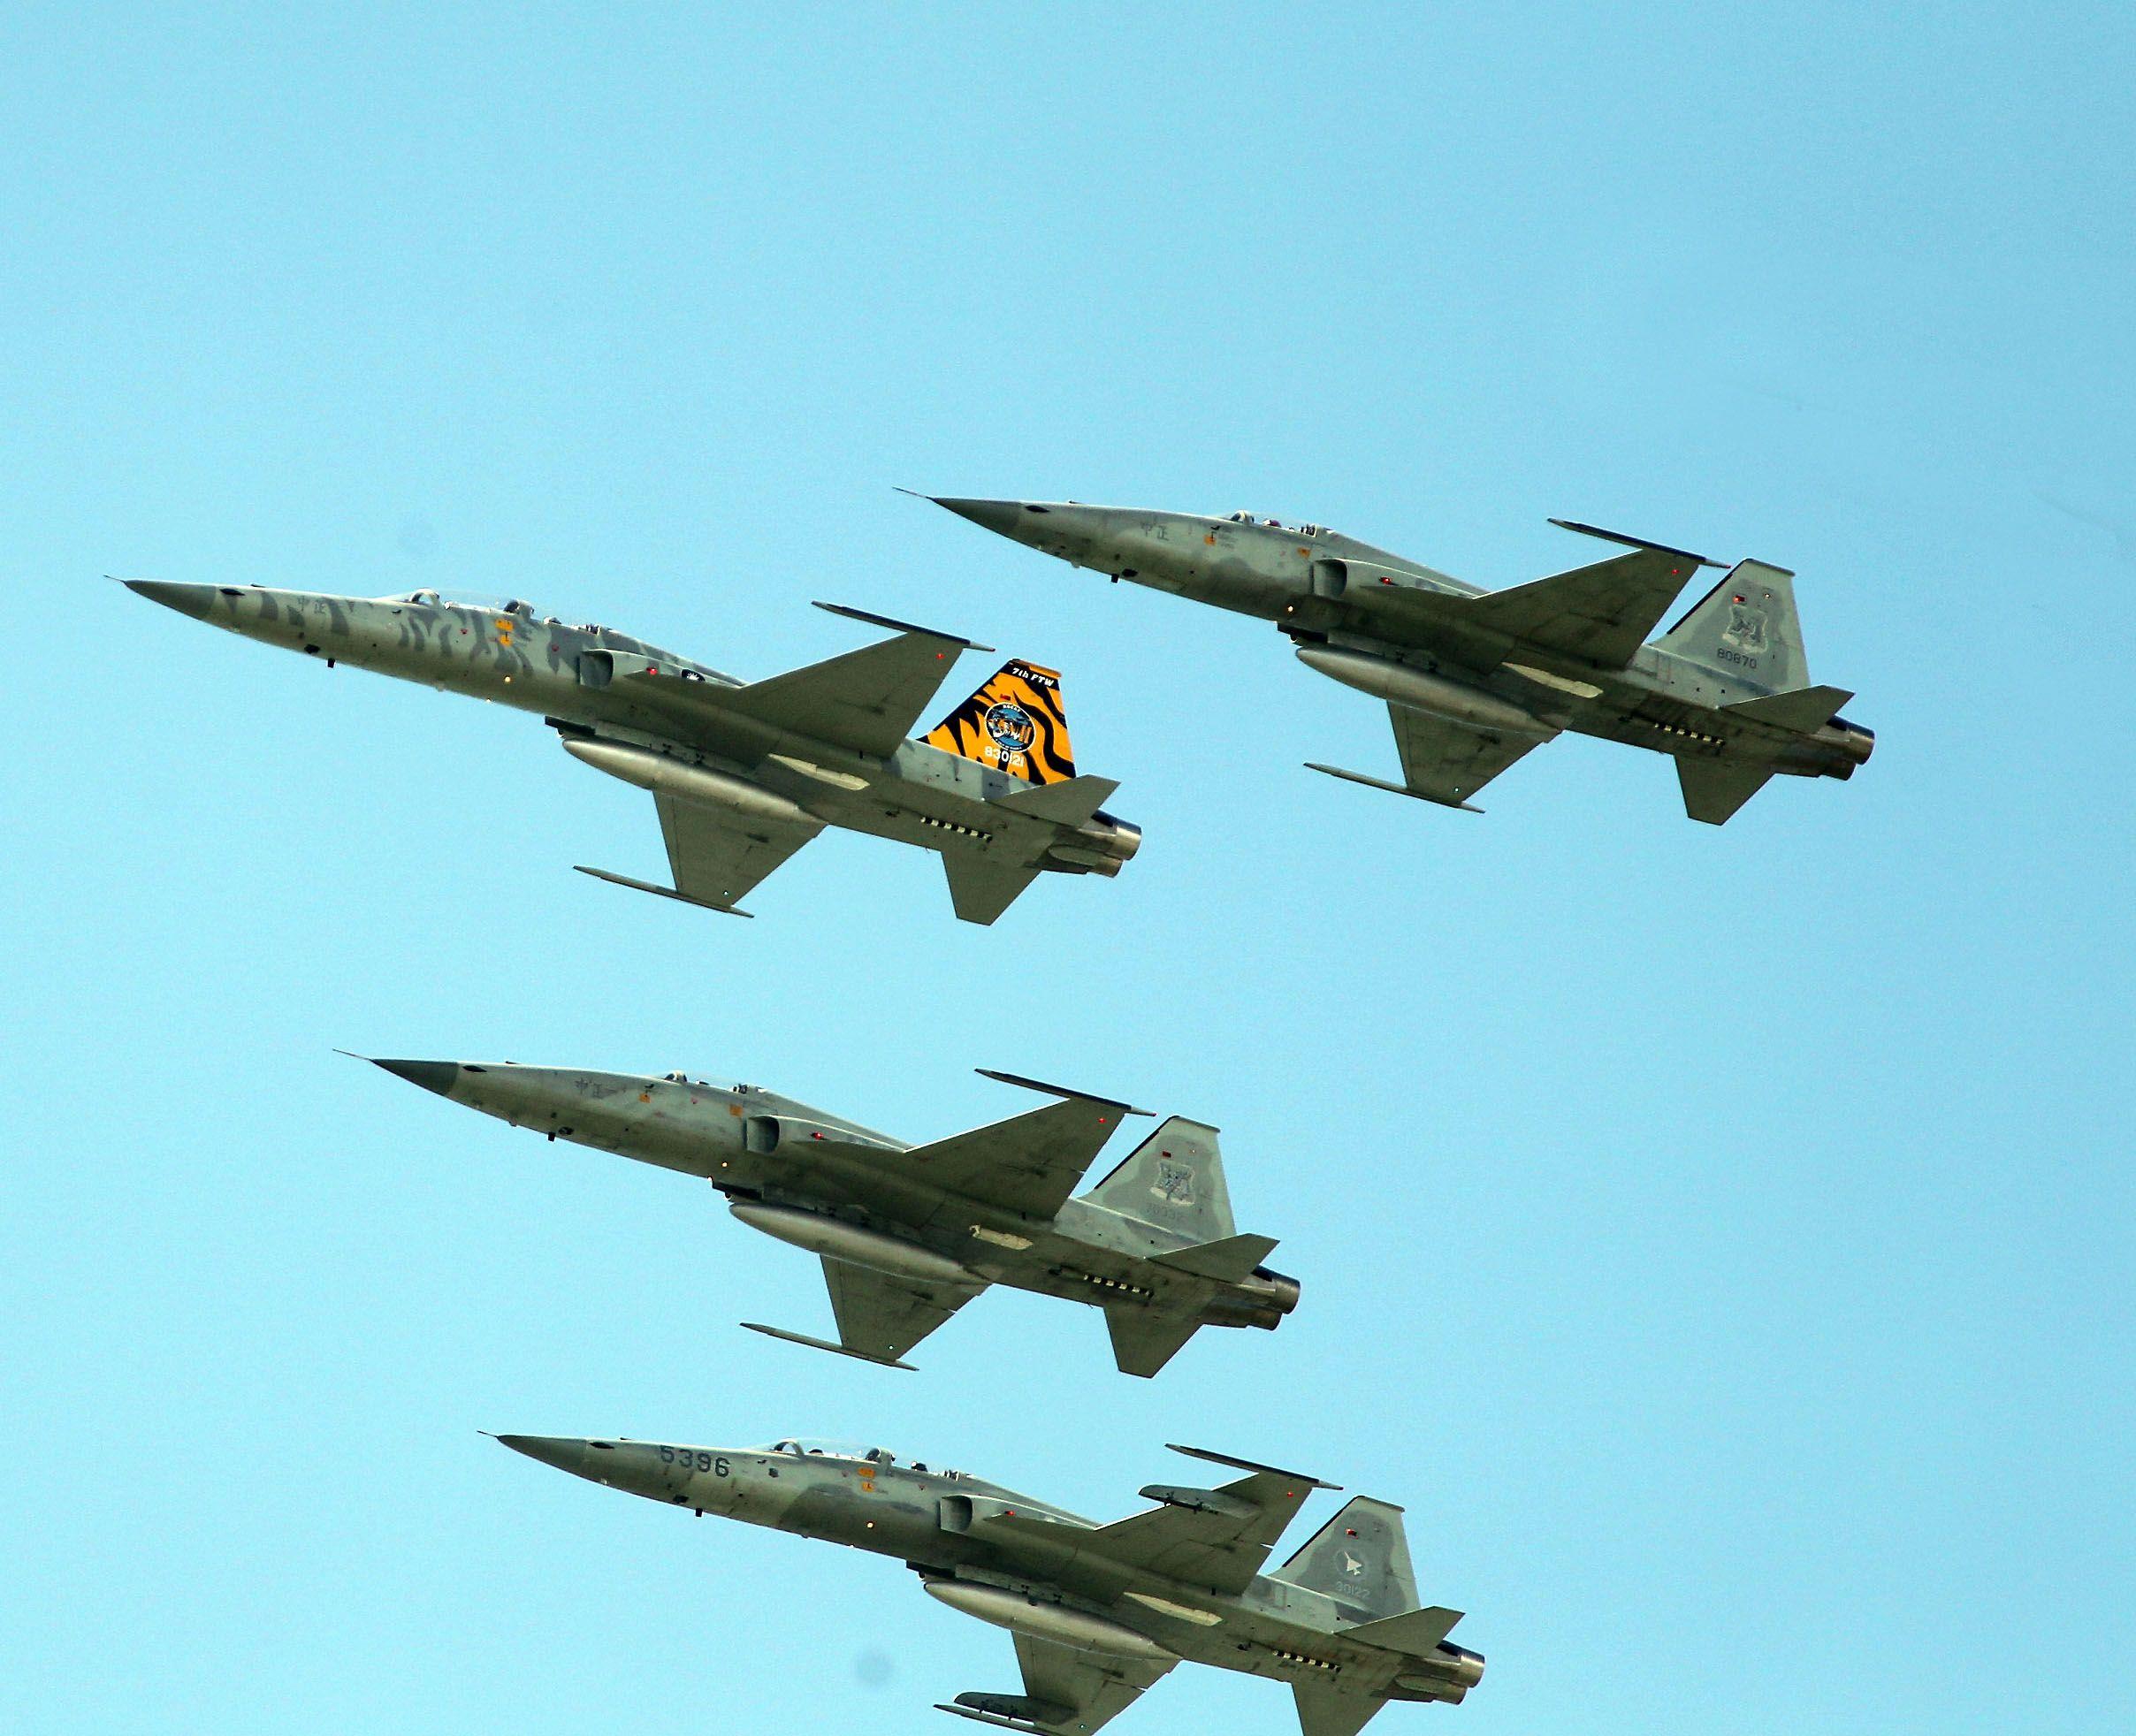 空軍F-5戰機以虎斑為主軸,機身與機翼漆上低視度白、灰相間虎斑,直尾翅為黃黑相間虎斑迷彩,象徵著基地所孕育出的小老虎堅守崗位、捍衛領空。(記者邱榮吉/攝影)